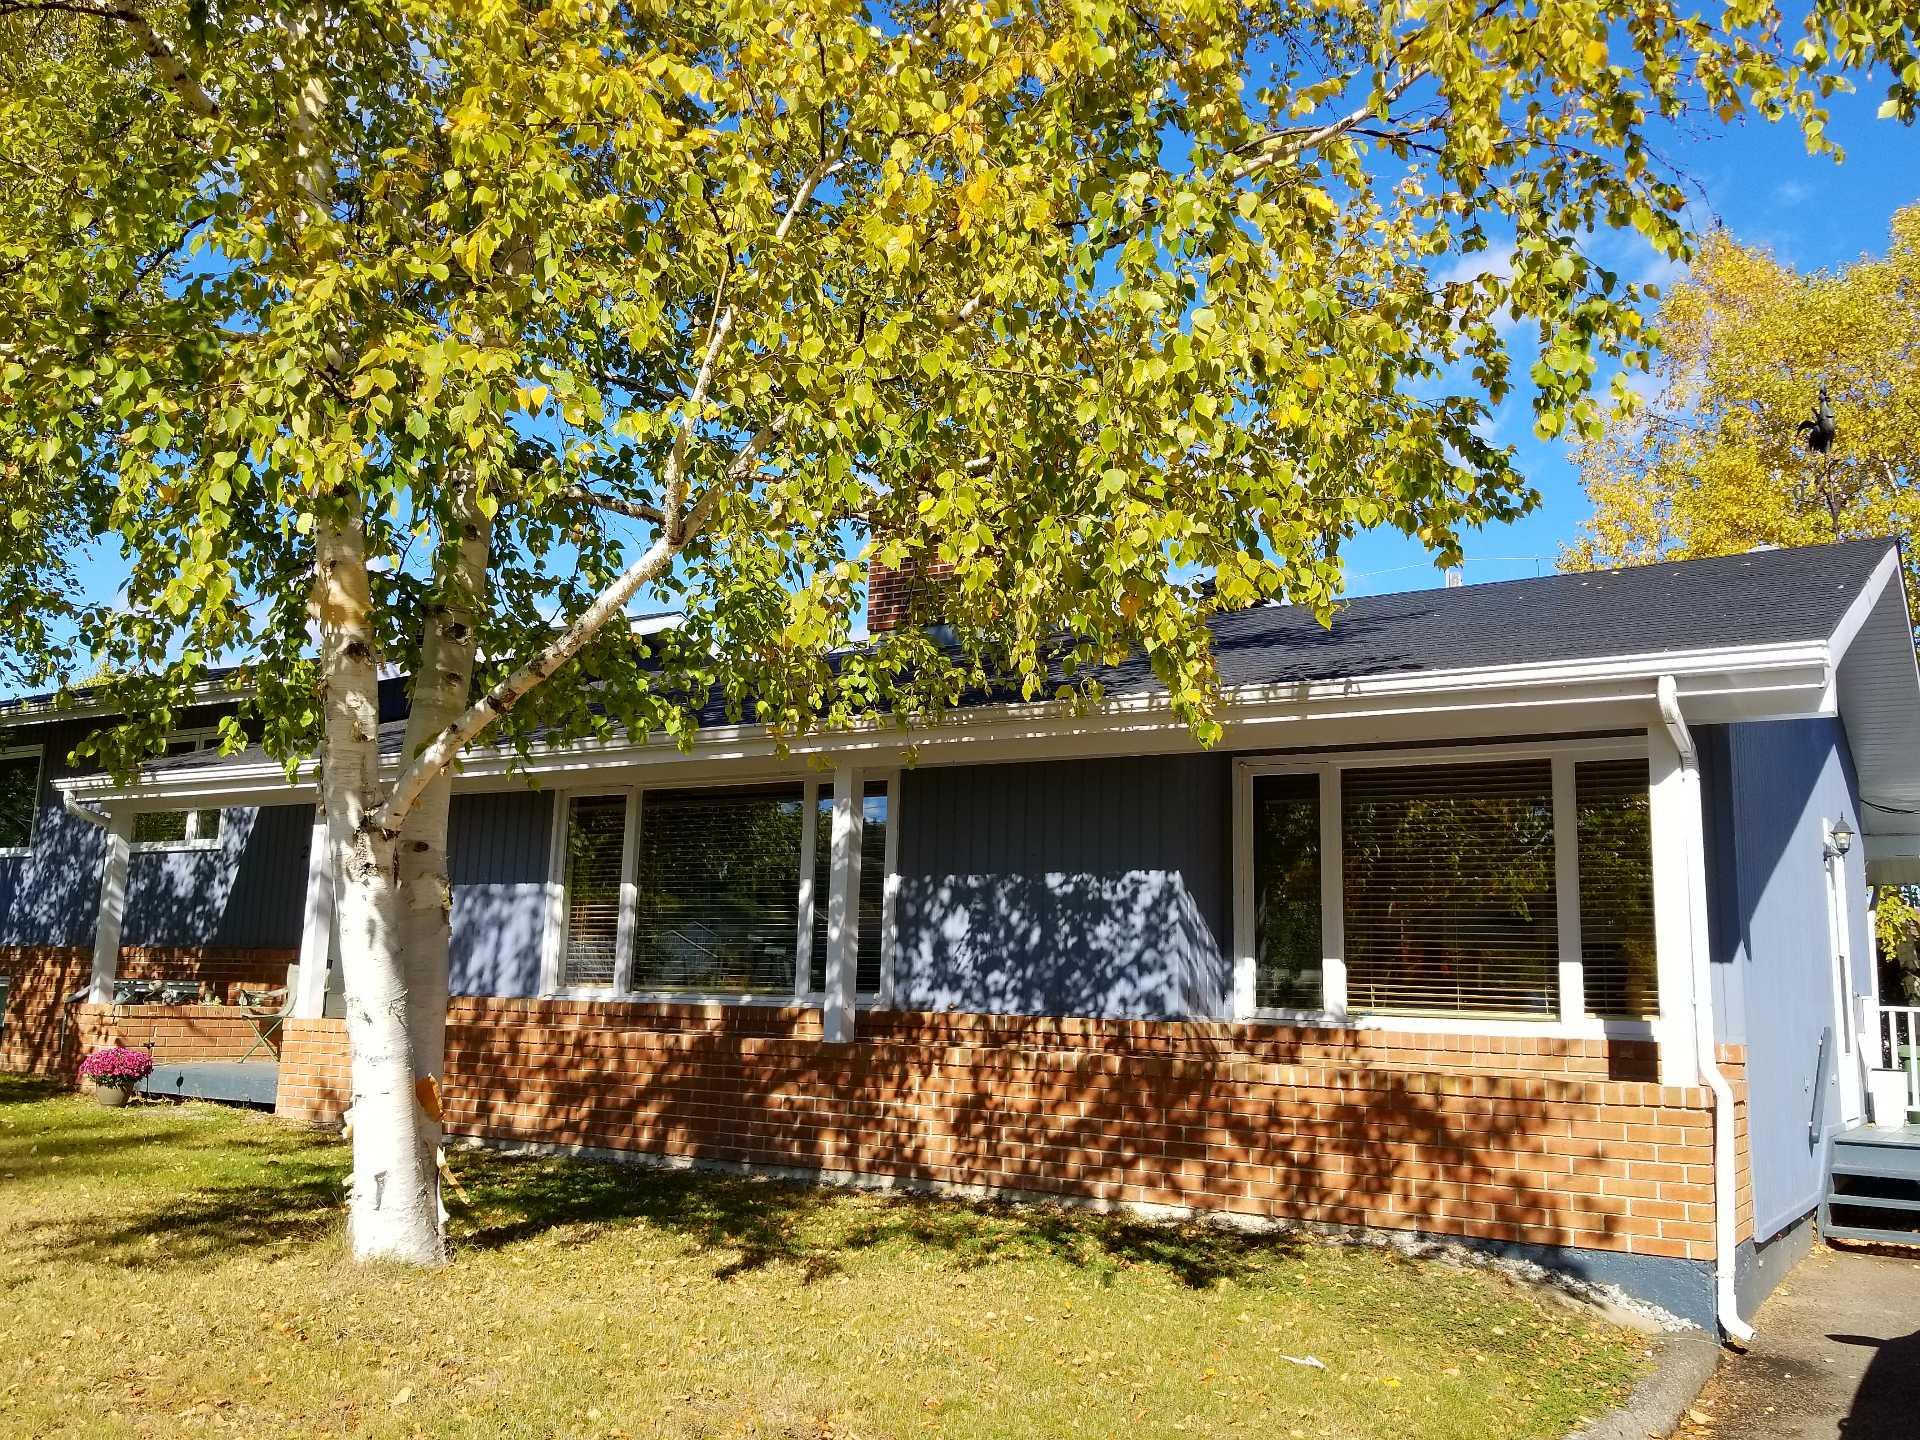 Maison vendre baie saint paul charlevoix sp462 for A la chouette maison baie st paul